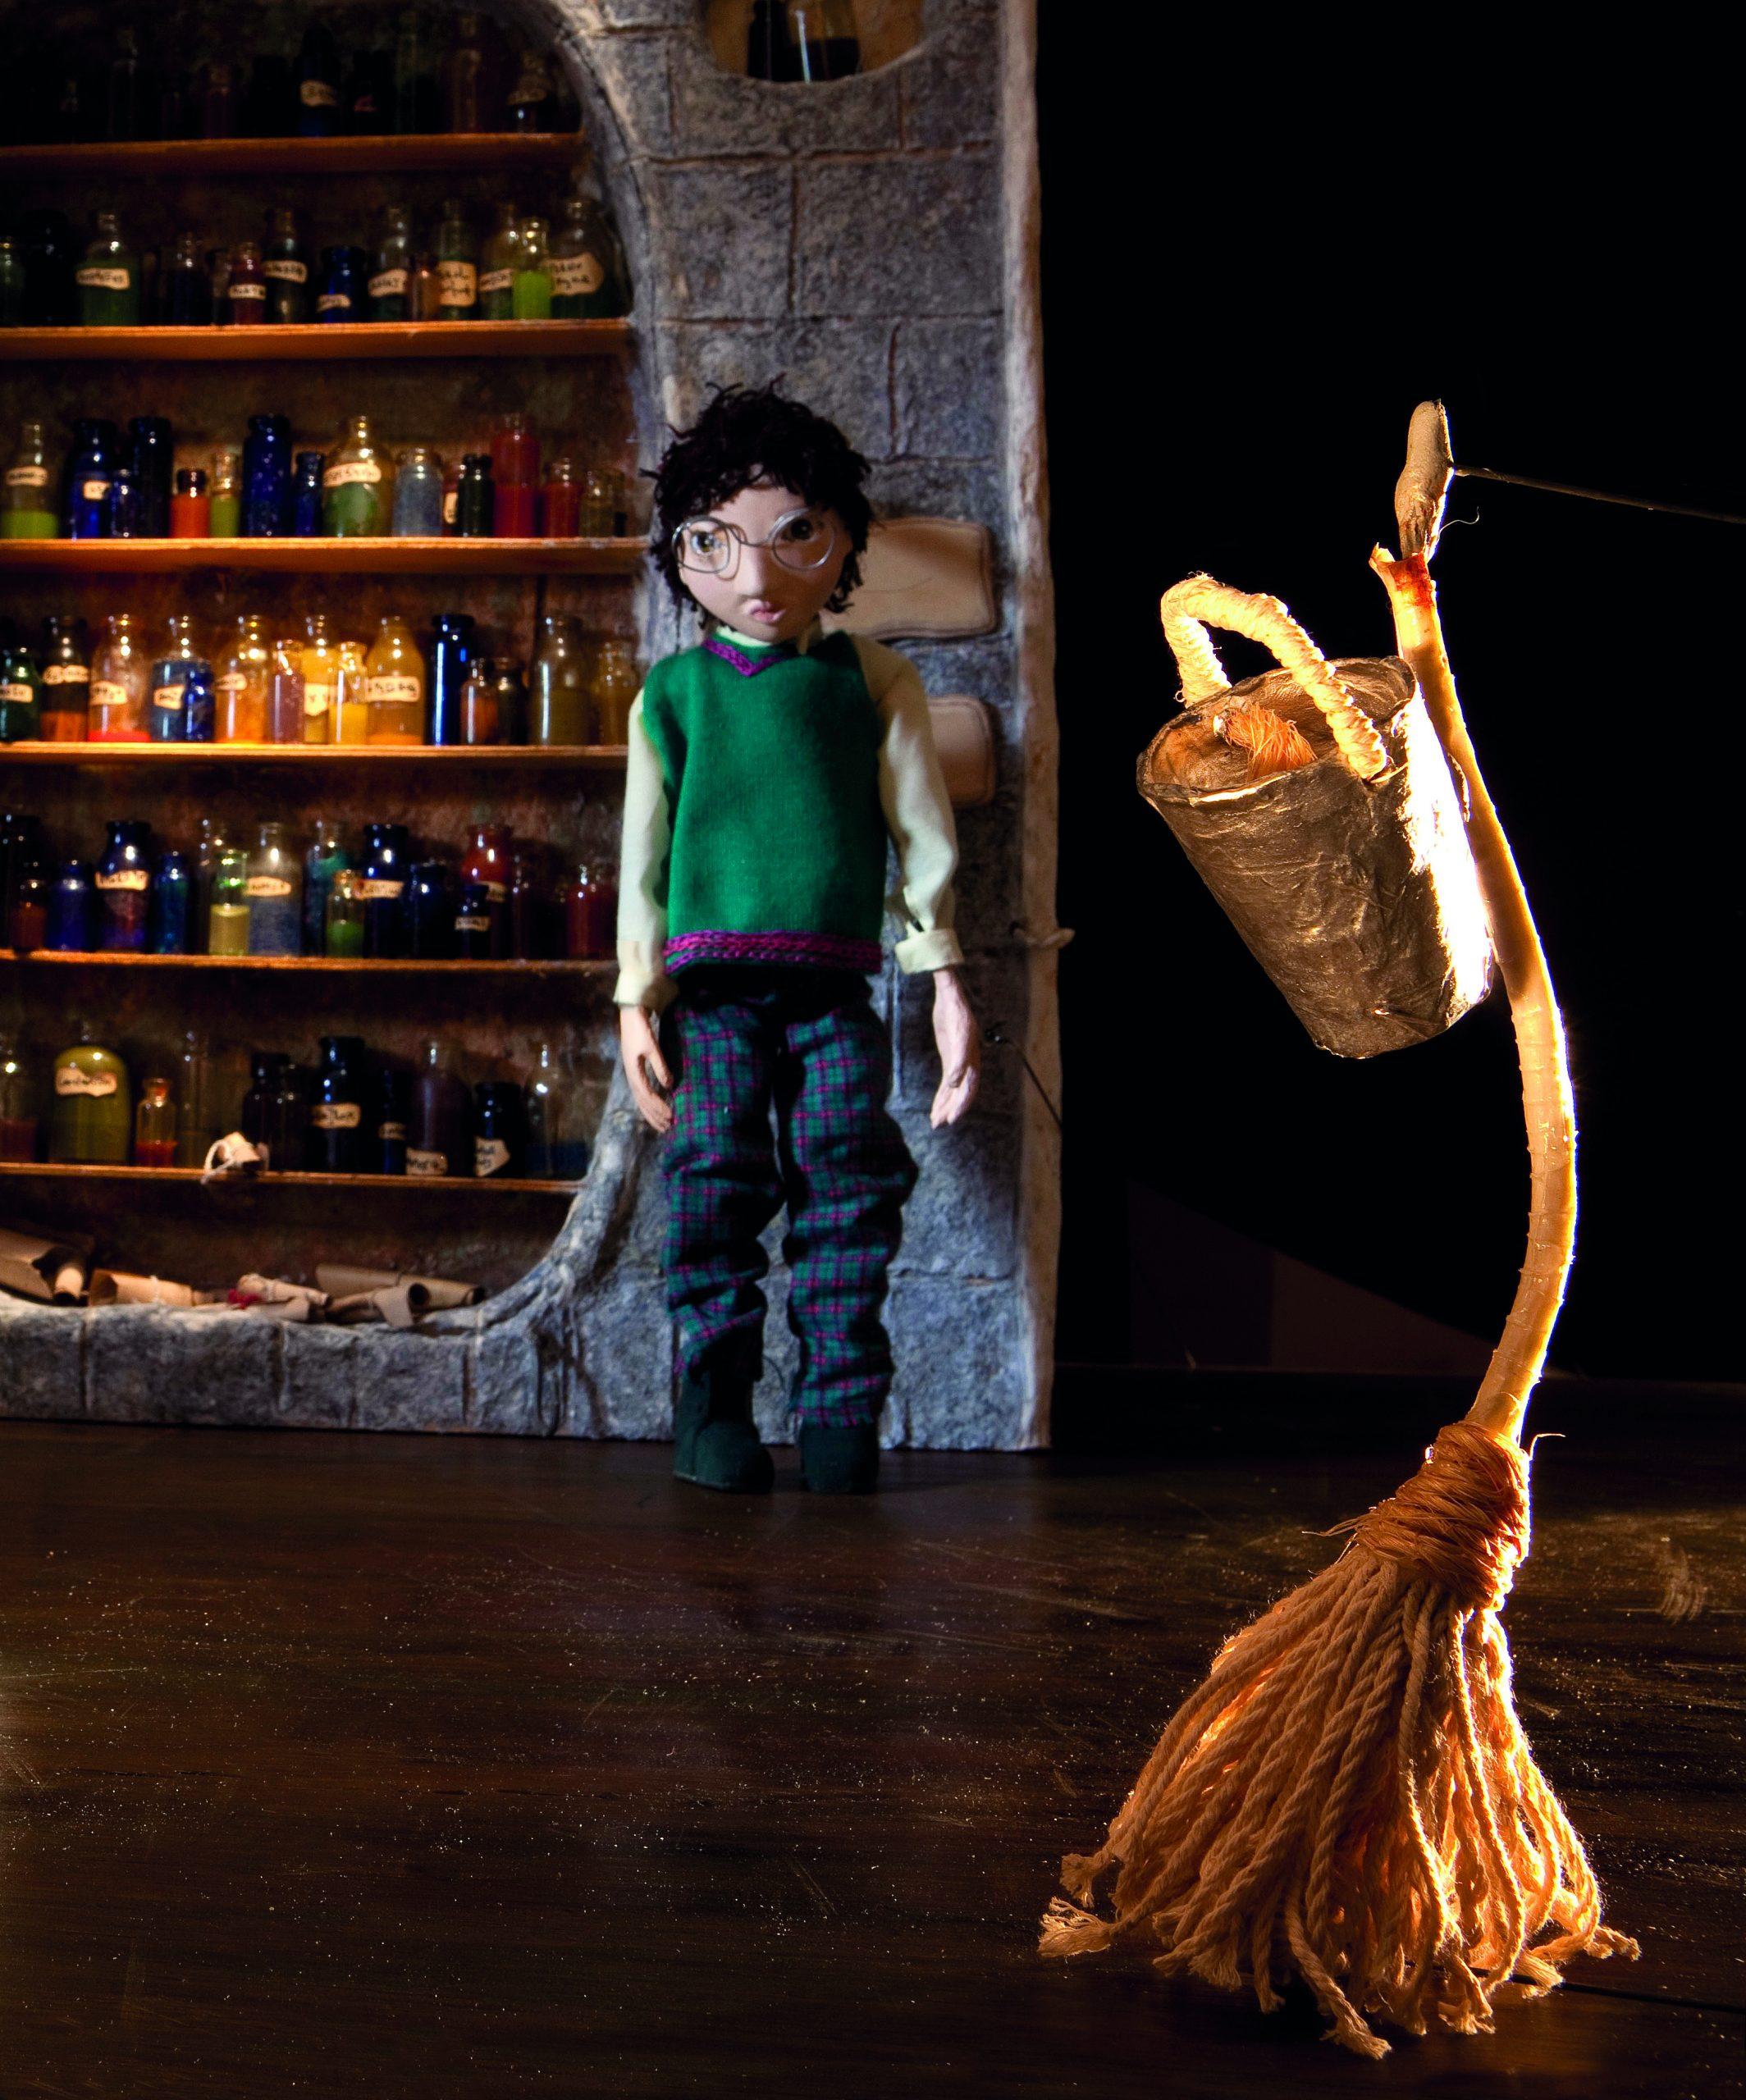 Μην τις χάσετε! Η κουκλοθεατρική ομάδα «Αφού» παρουσιάζει 2 παιδικές παραστάσεις στην Αθήνα (22-23/7)